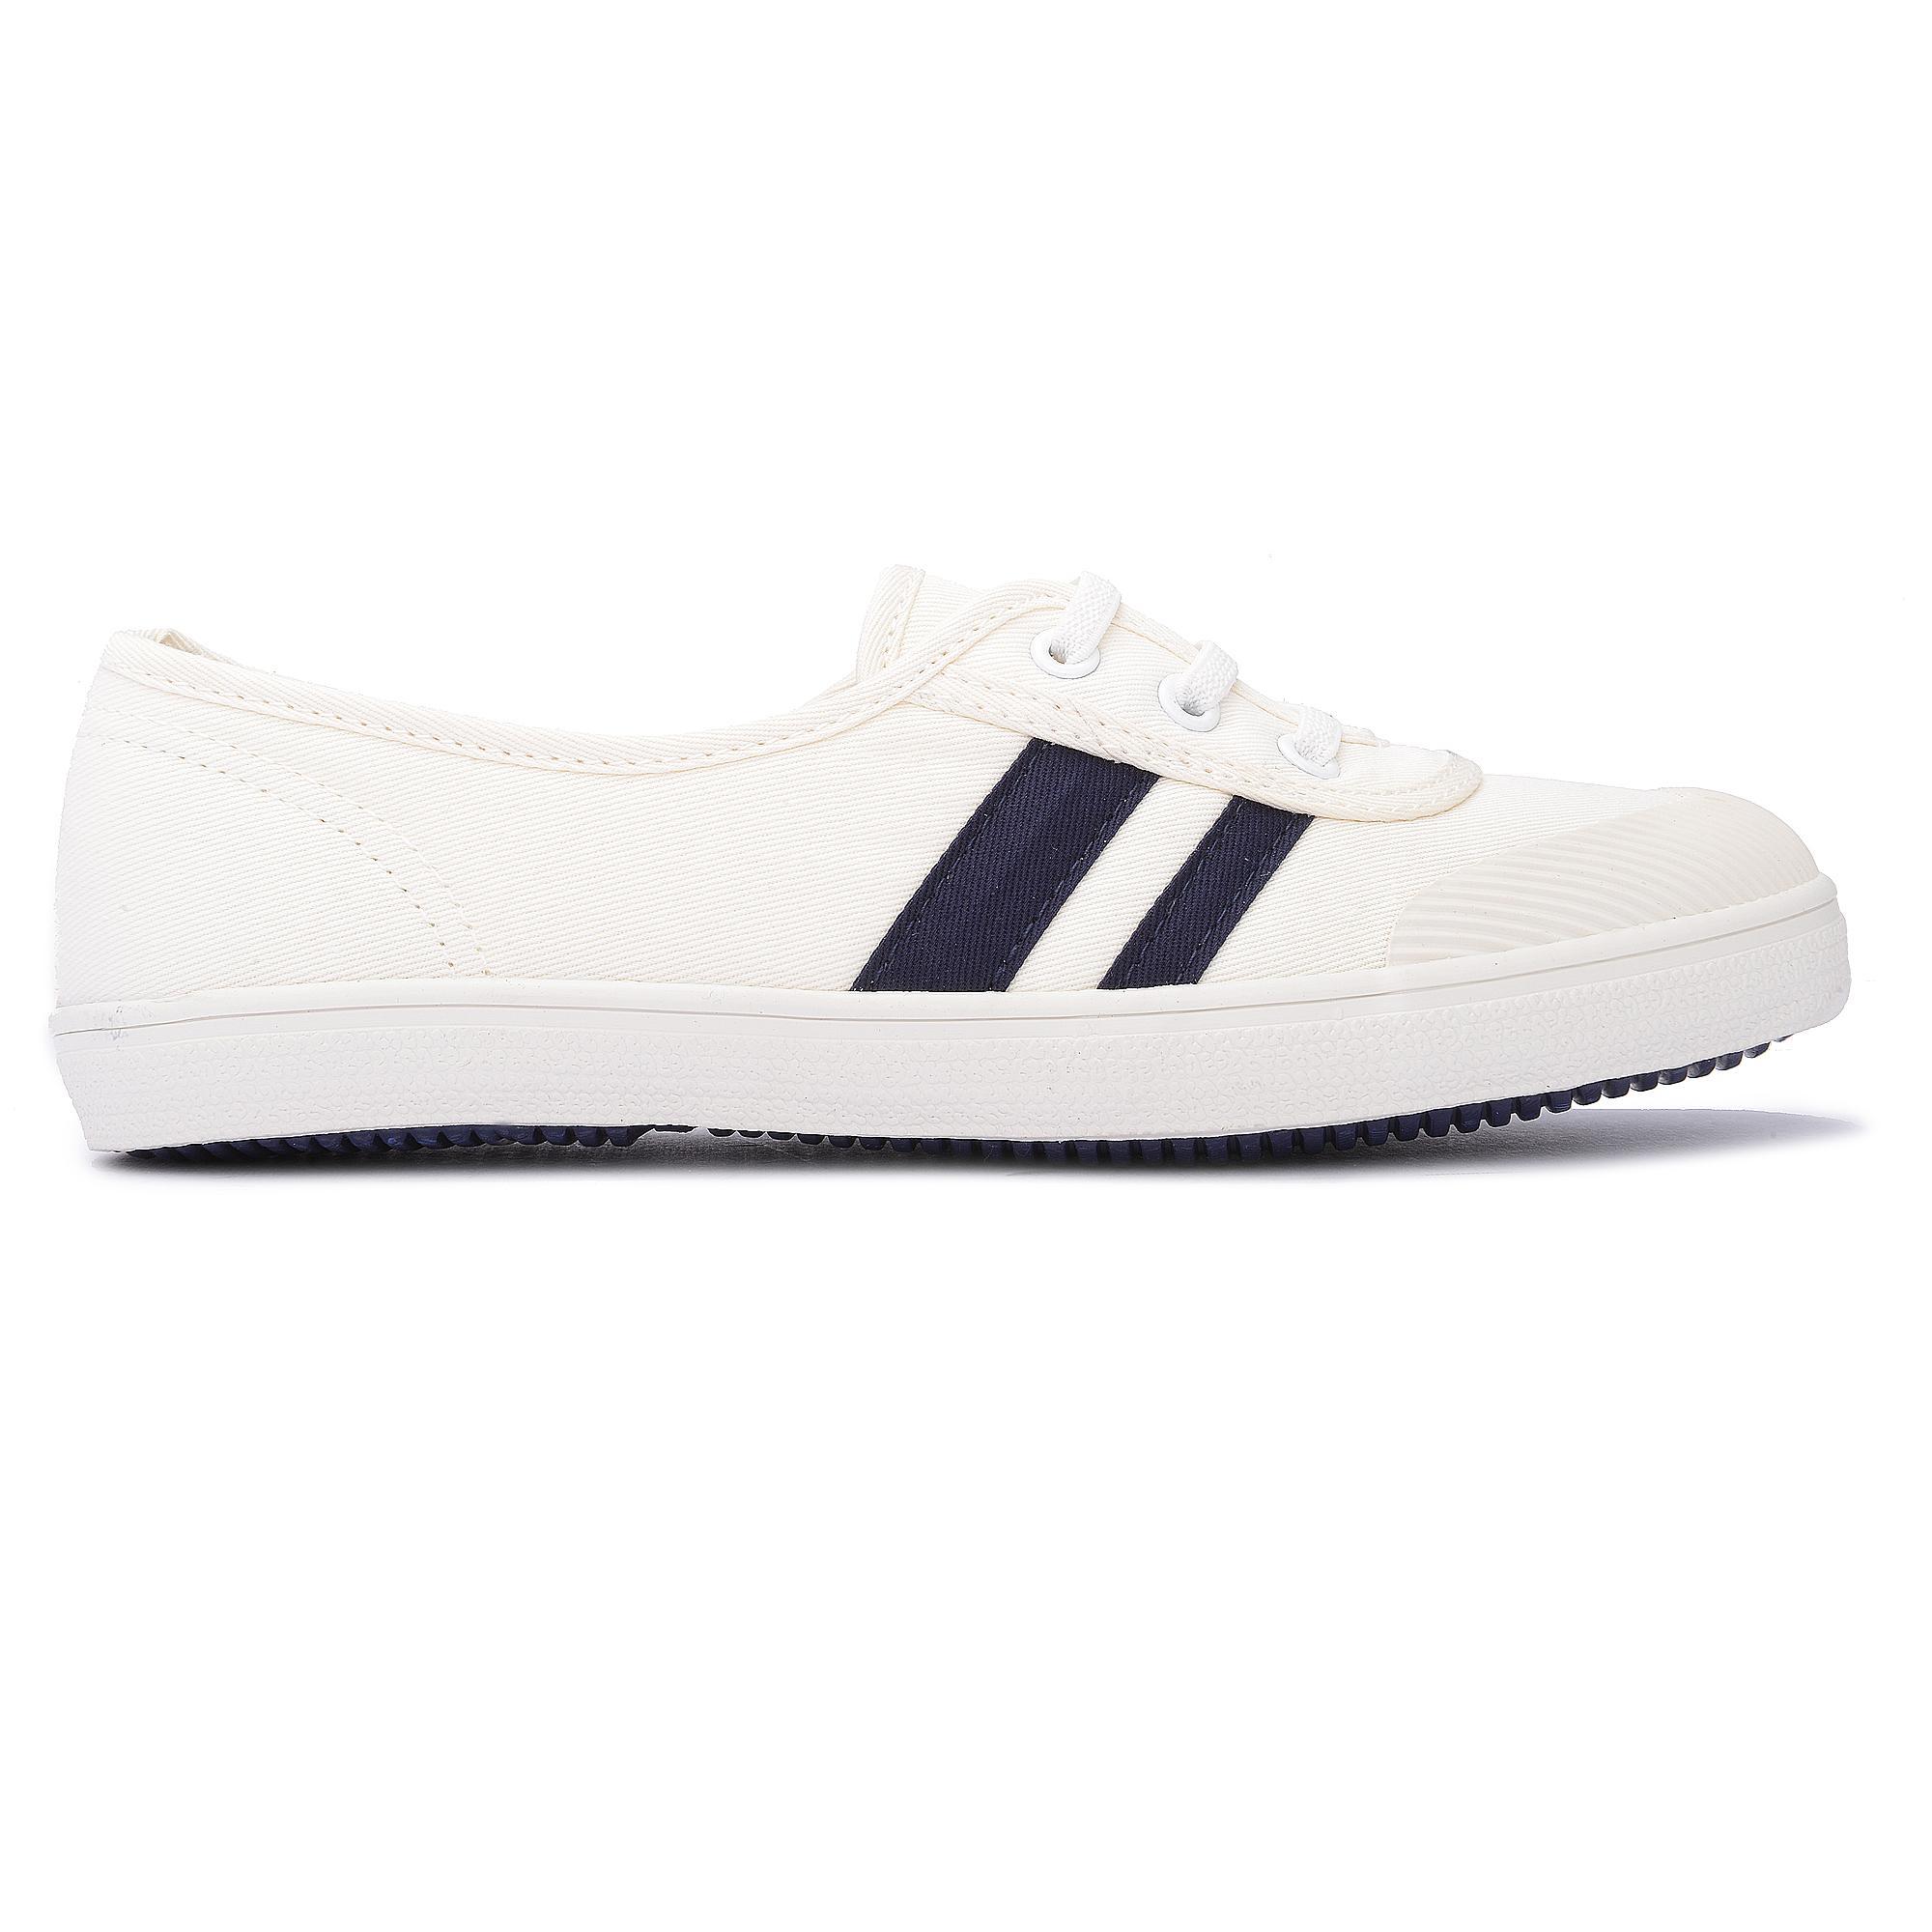 2c71c06d44 Bata Shoes singapore - Shop Bata Shoes For Women Online